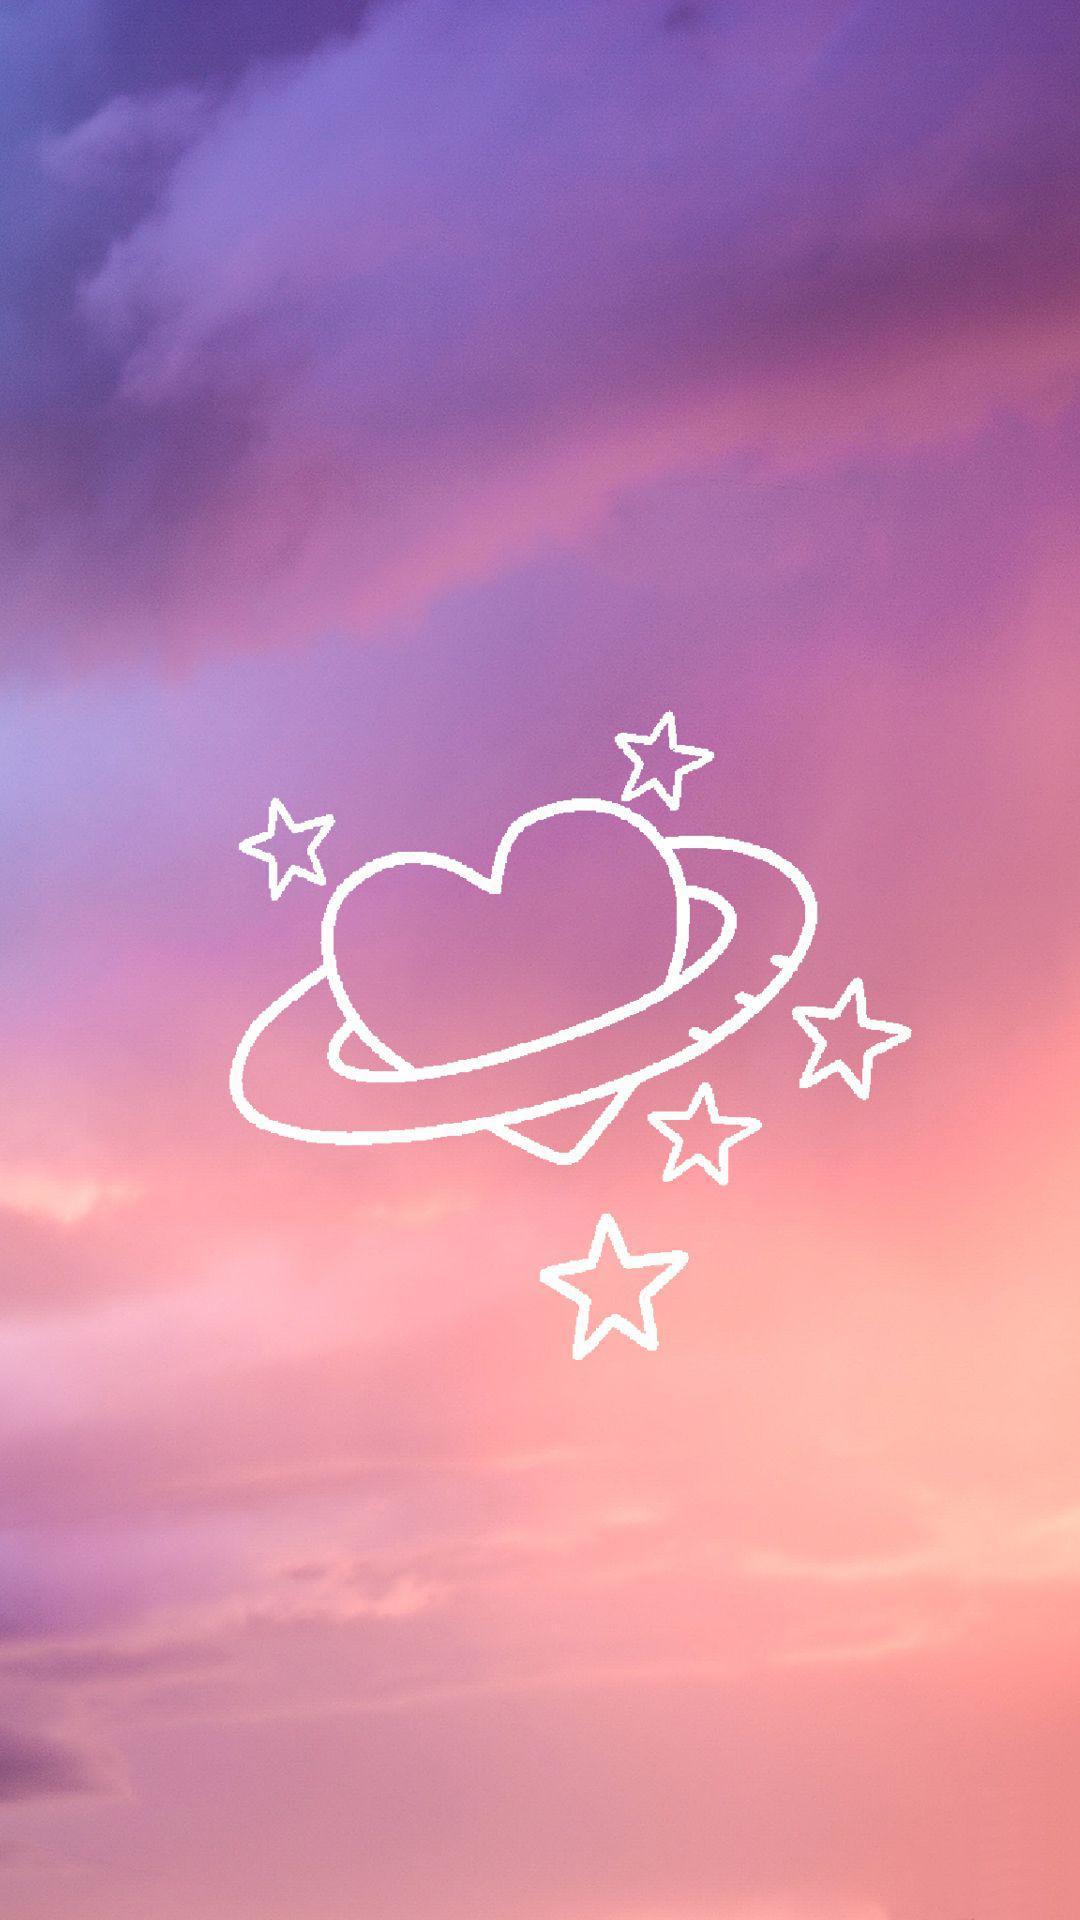 عکس زمینه آسمان با قلب پرستاره صورتی پس زمینه